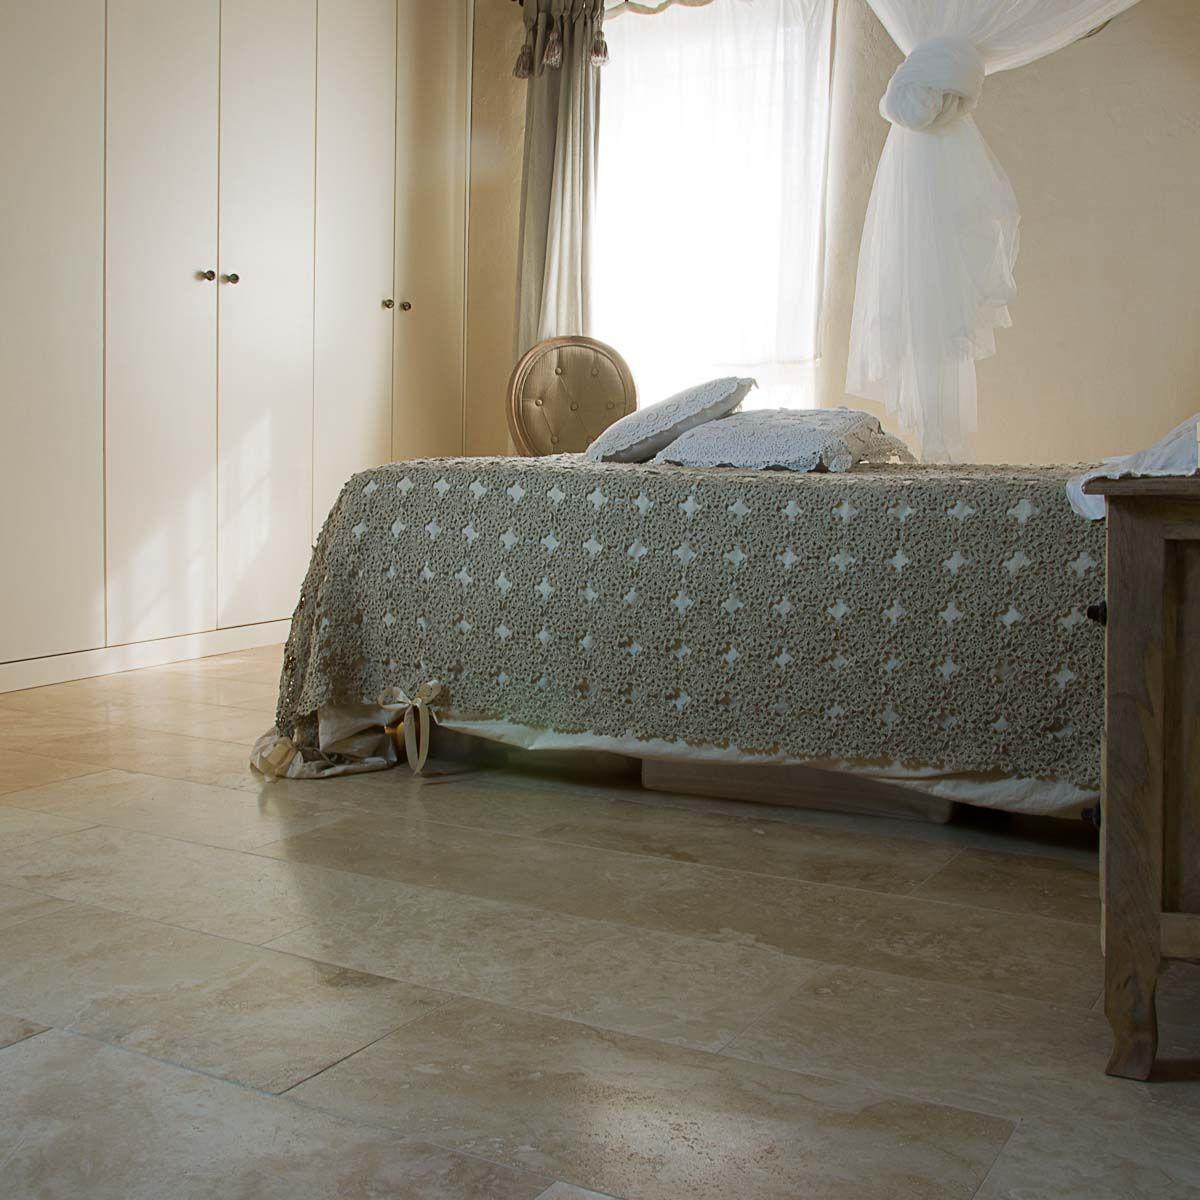 Camera da letto con pavimento in travertino chiaro ...